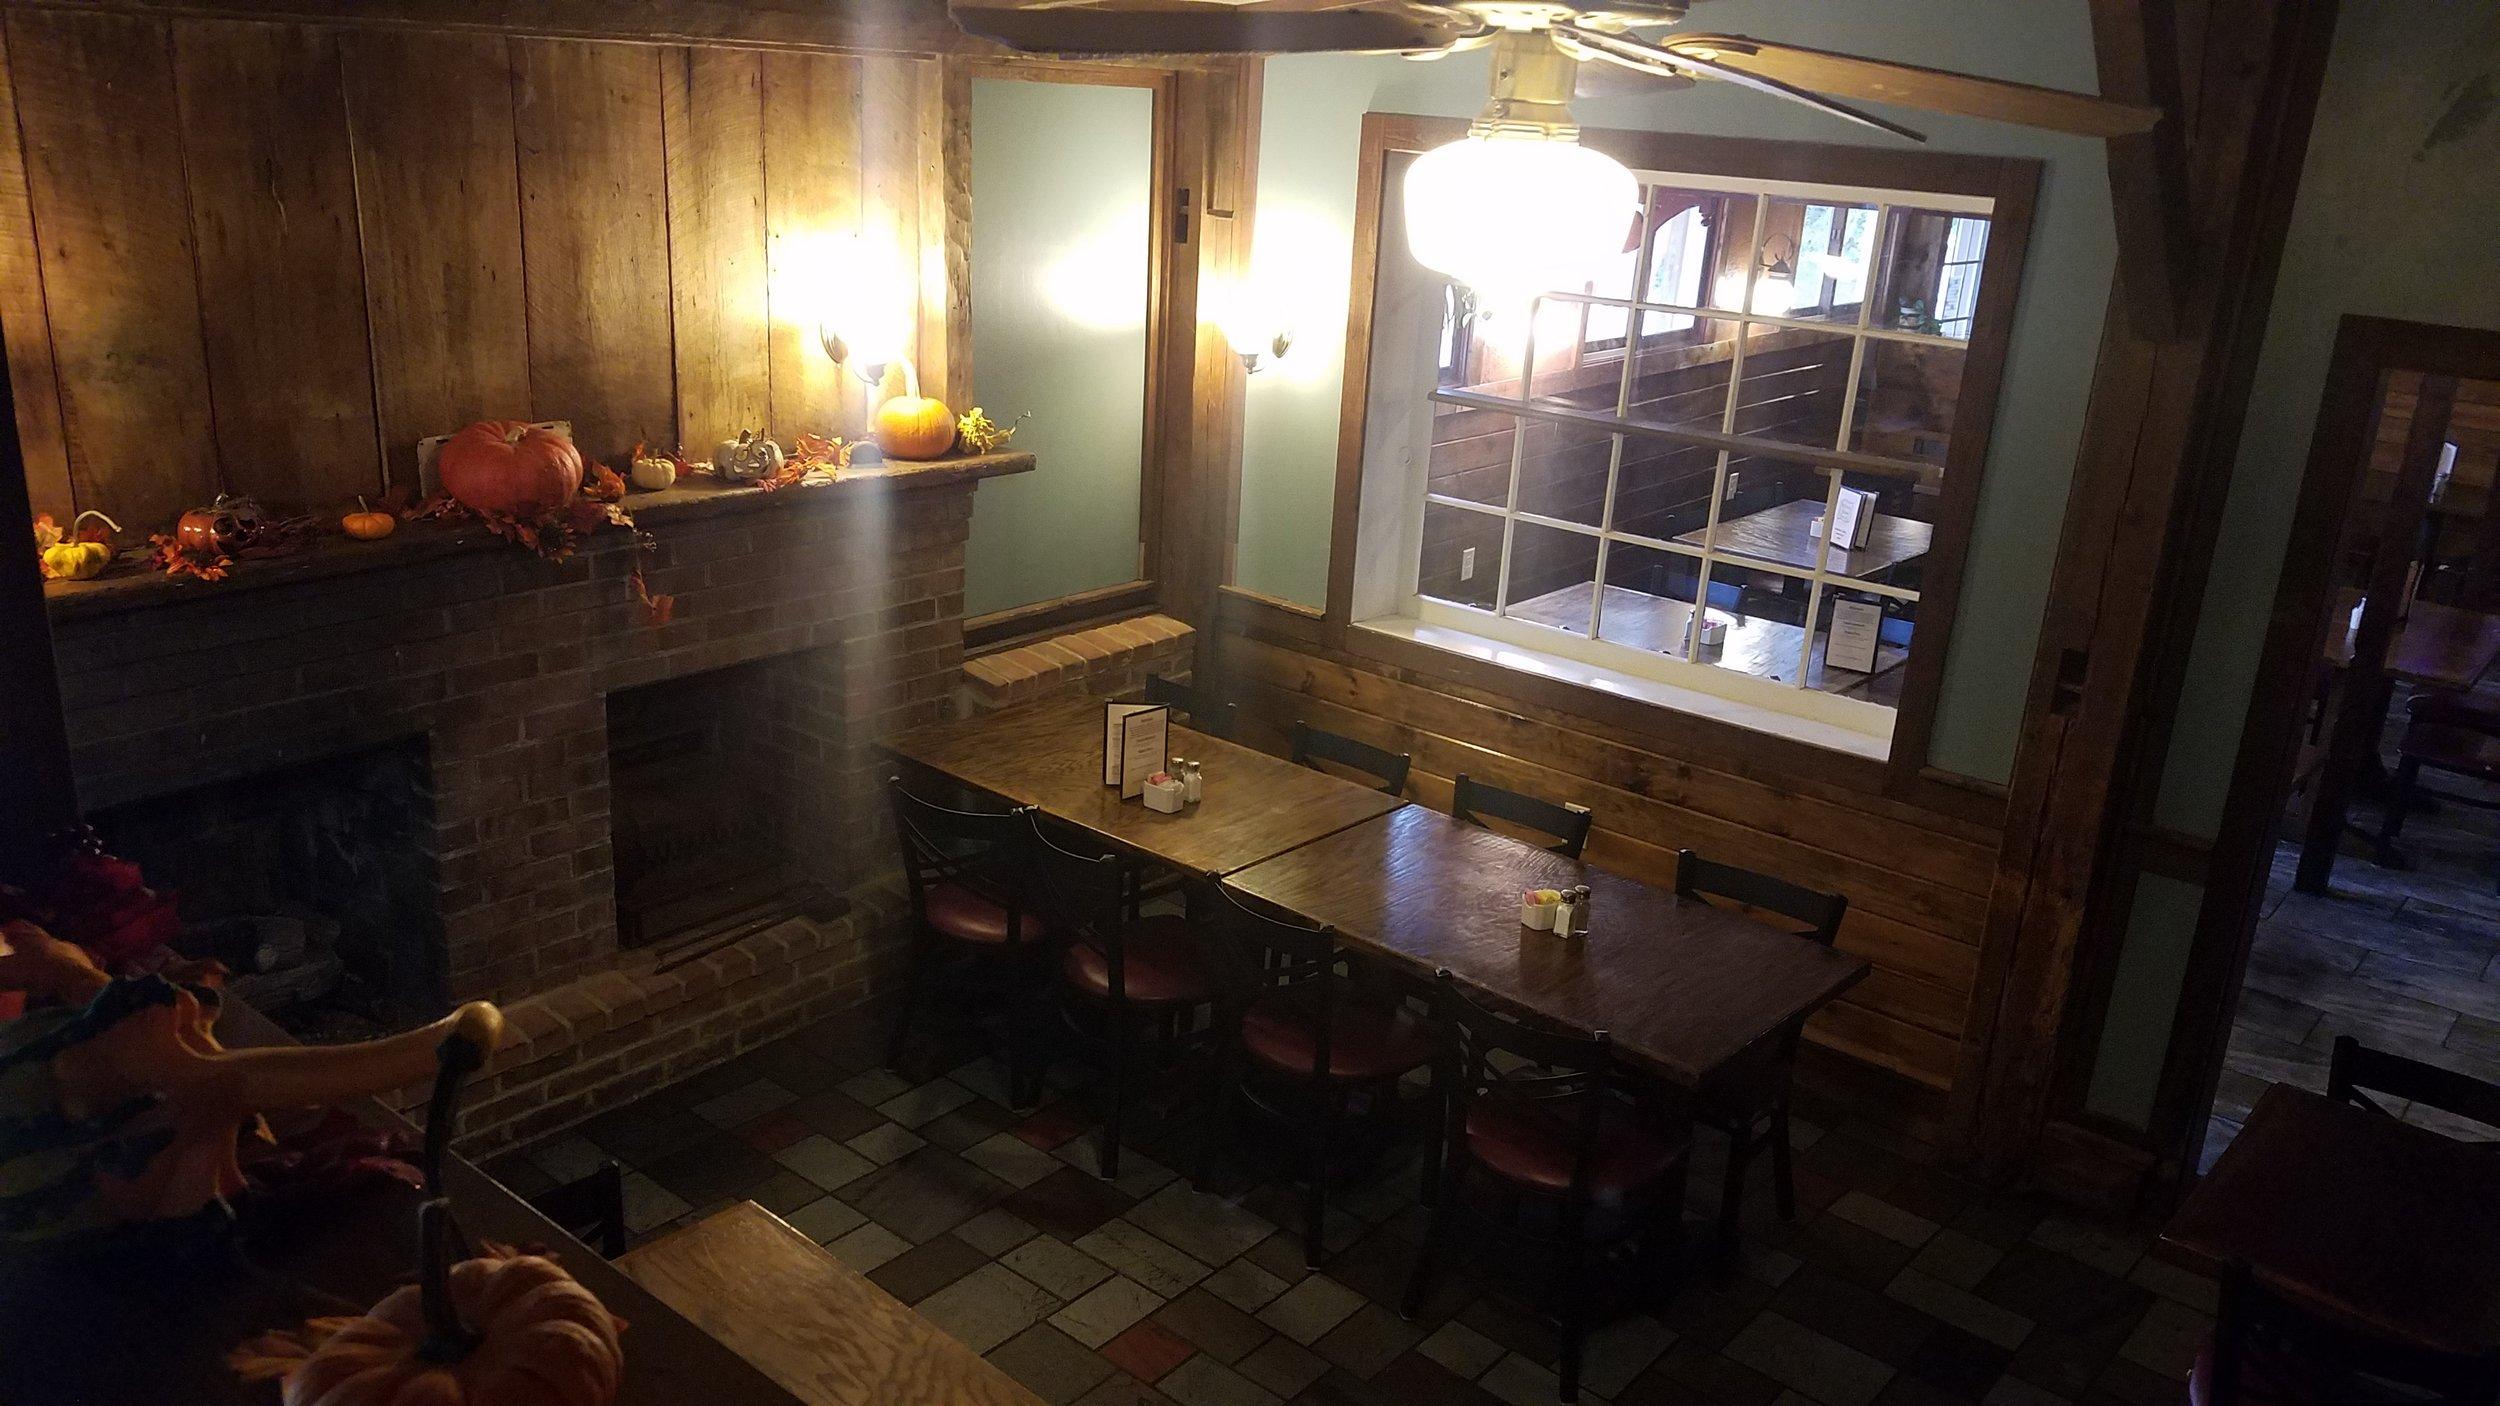 'L' Dining Area